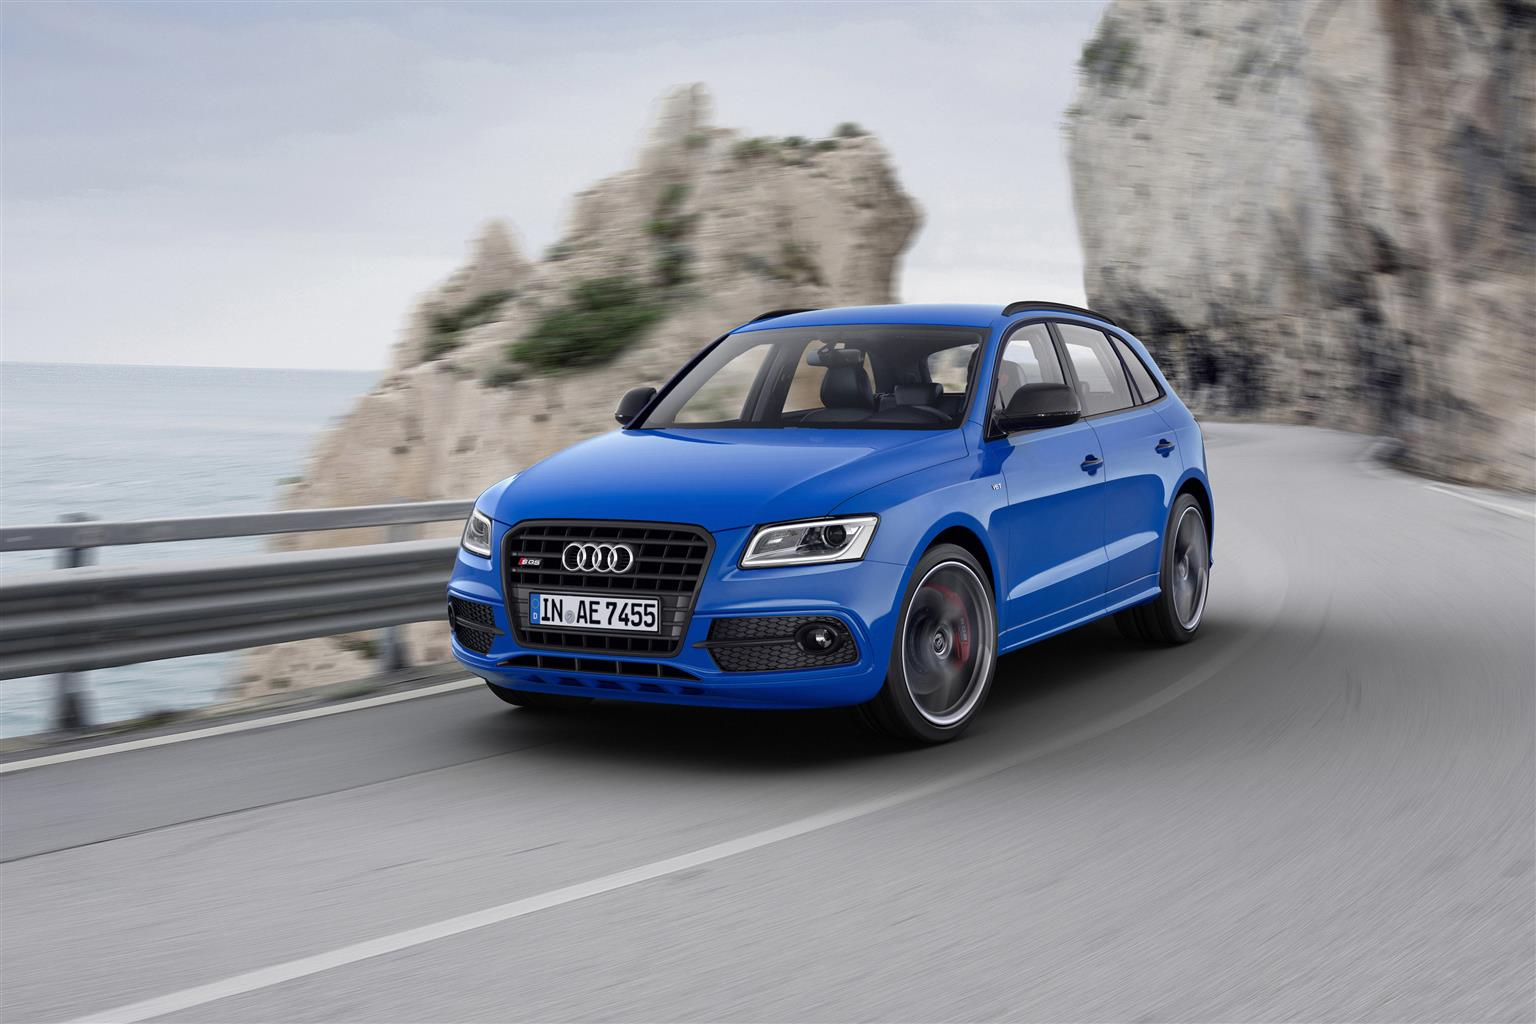 Nuova Audi SQ5 TDI plus